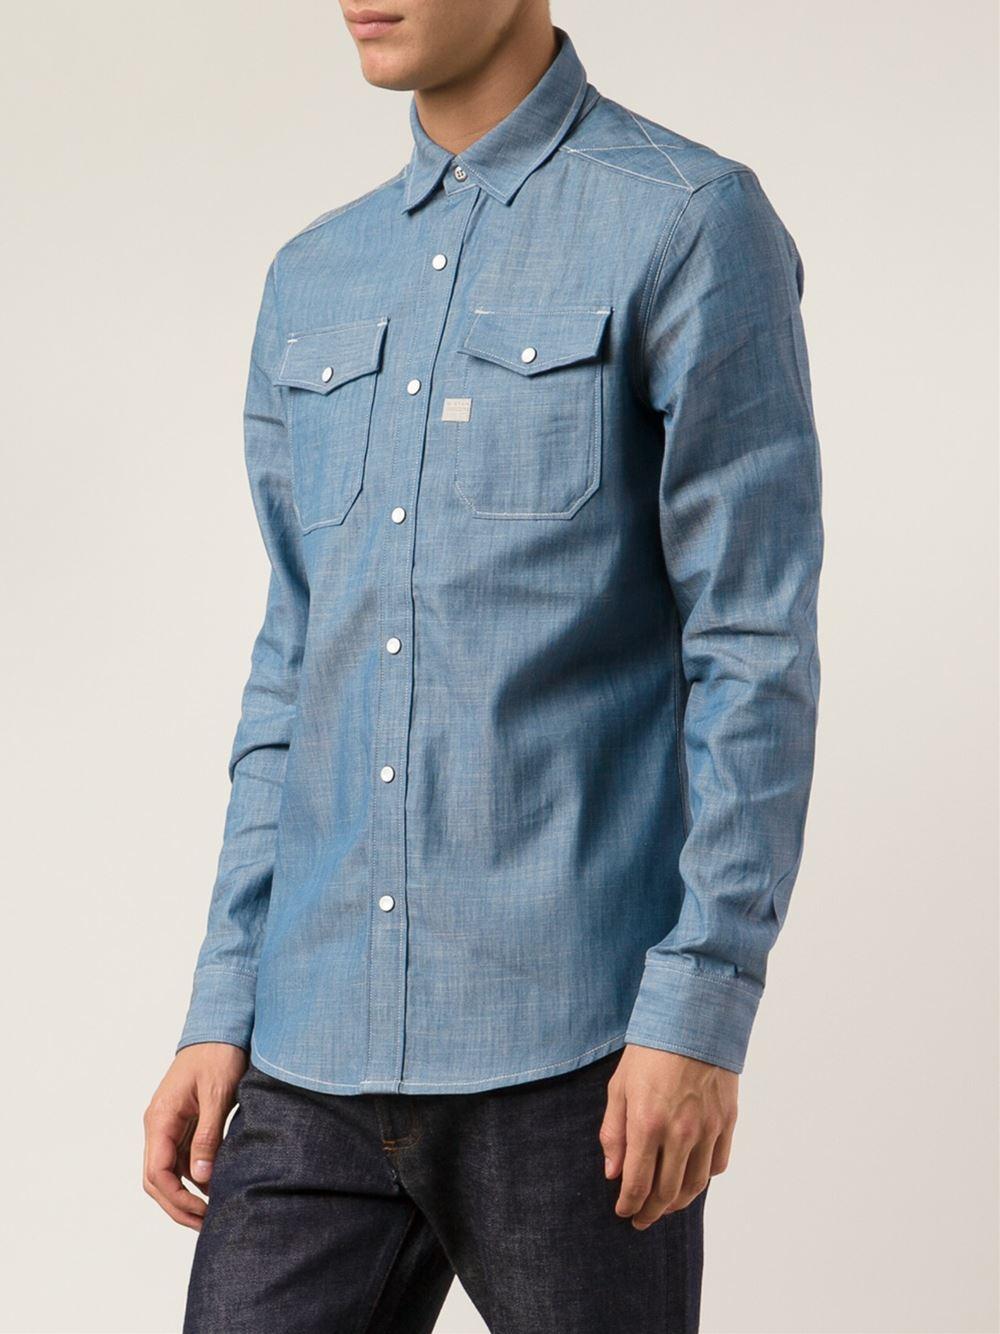 g star raw landoh shirt in blue for men lyst. Black Bedroom Furniture Sets. Home Design Ideas